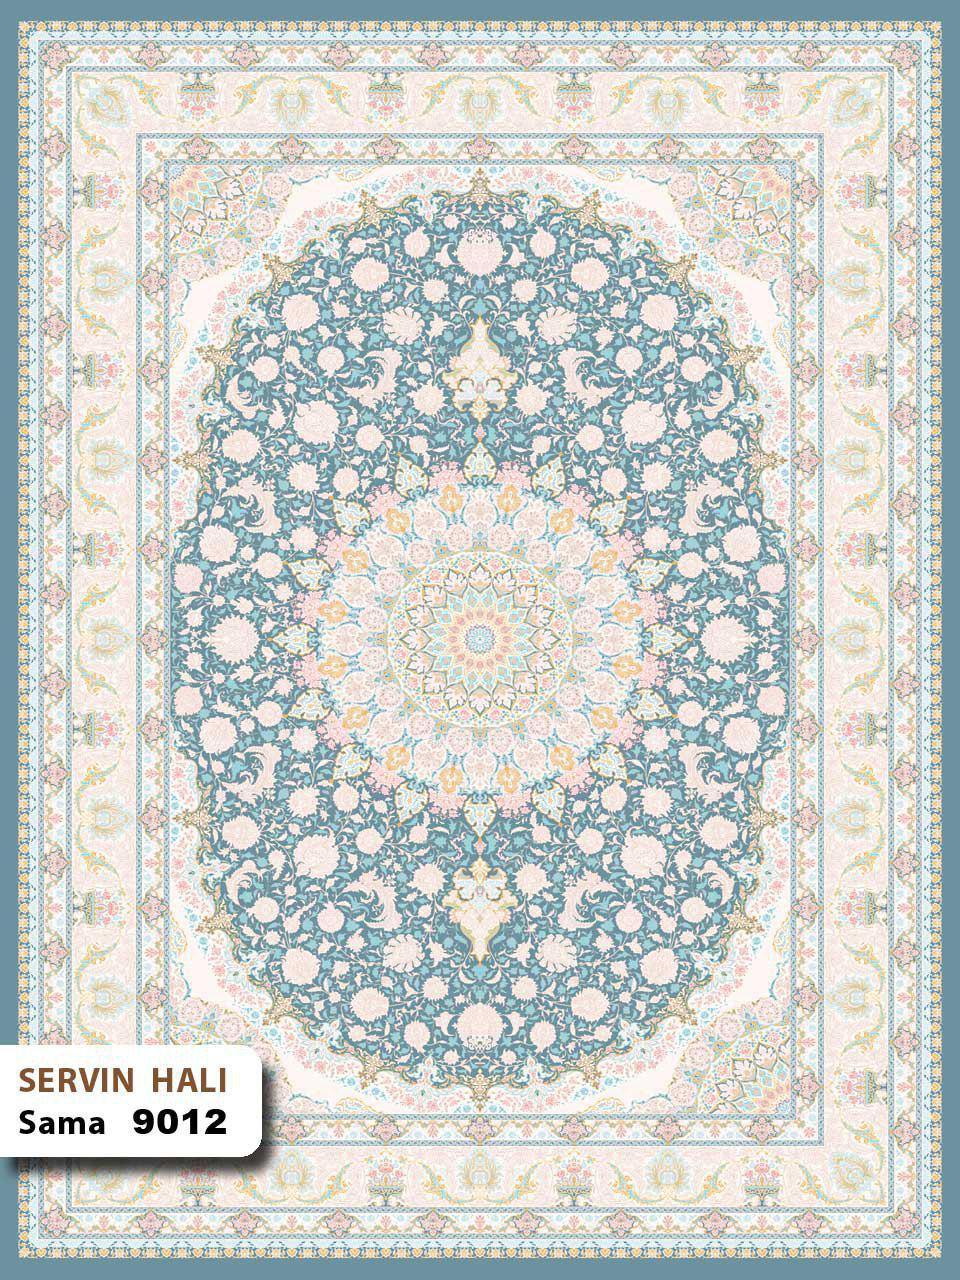 سما 9012/دنیای فرش/فرش ایرانی/فرش ماشینی/donyayfarsh